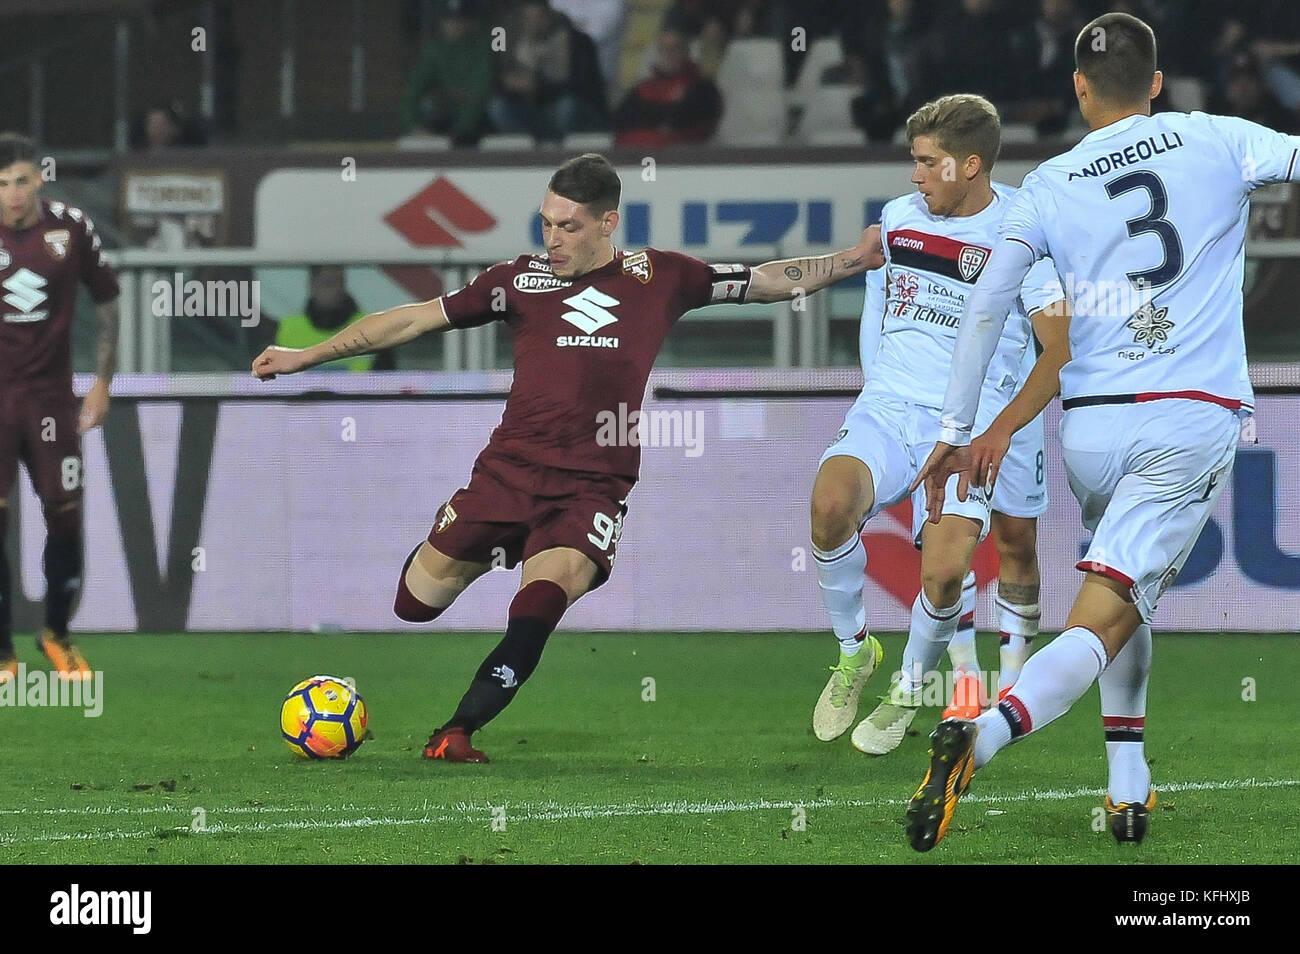 Torino Stock Photos & Torino Stock Images - Page 8 - Alamy